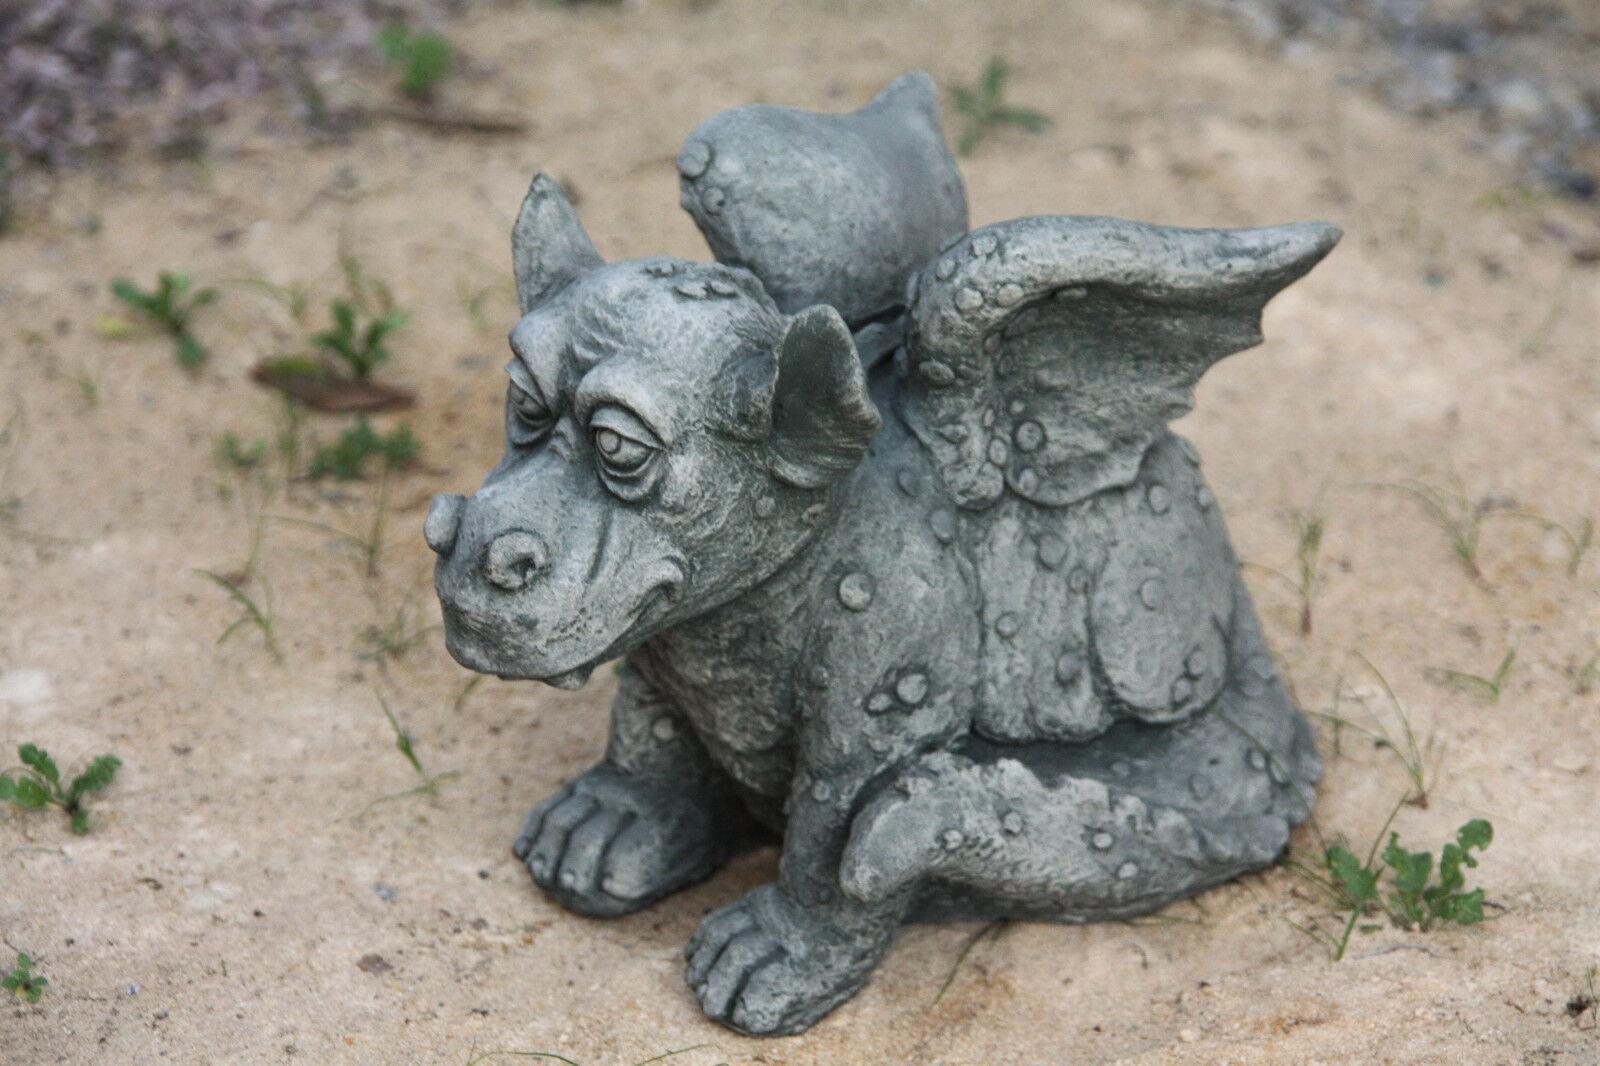 Dragón sentado gracioso diverdeido personaje de piedra fundición Frost Festival piedra personaje nuevo de-588